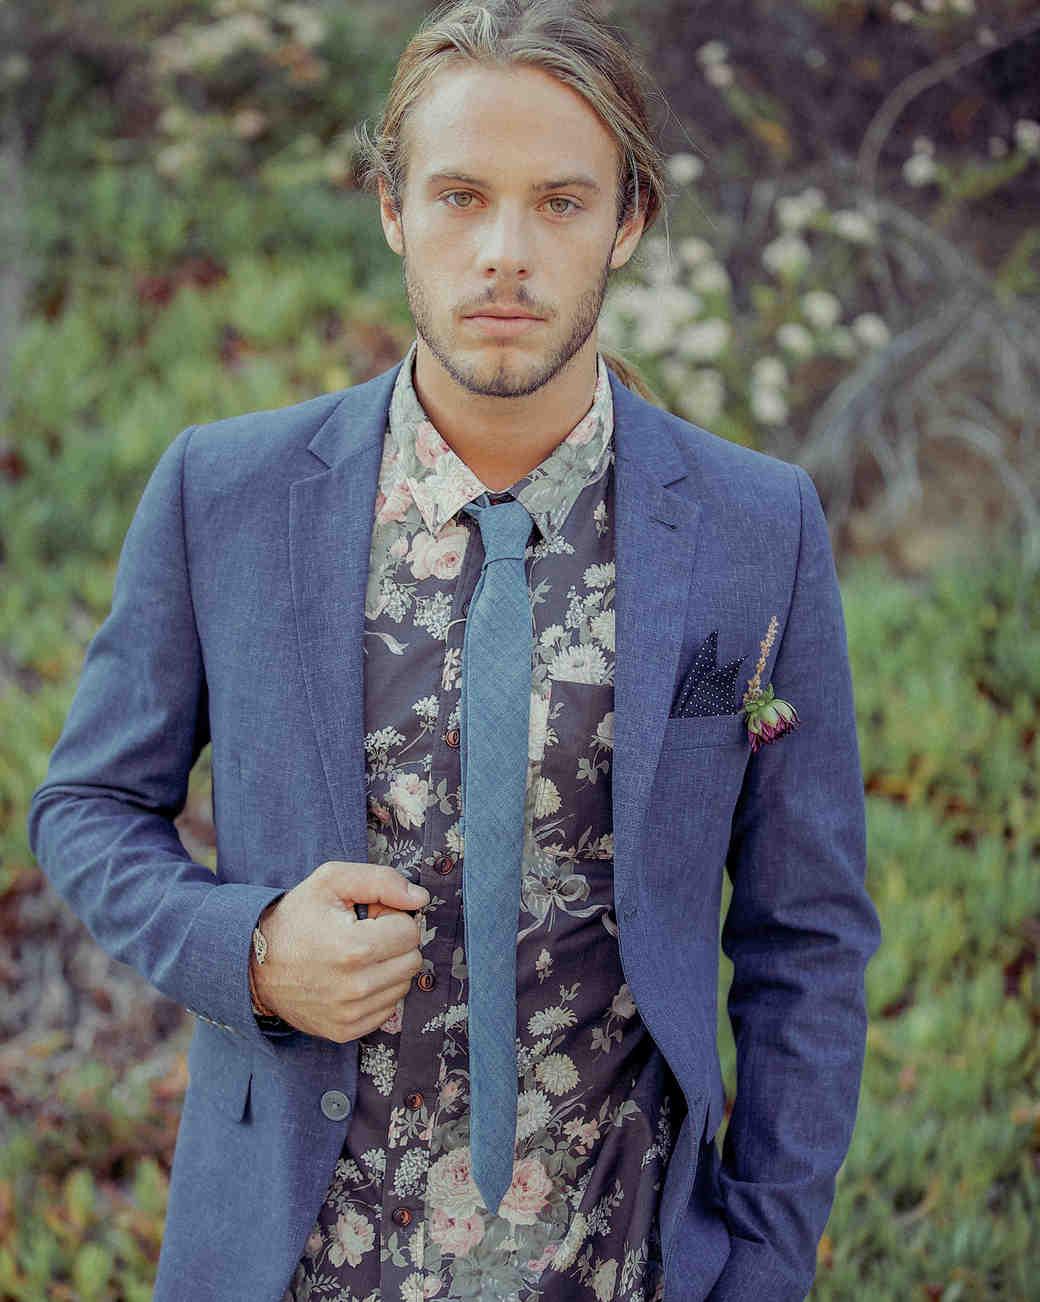 nontraditional-groom-attire-hailley-howard-1117_vert.jpg